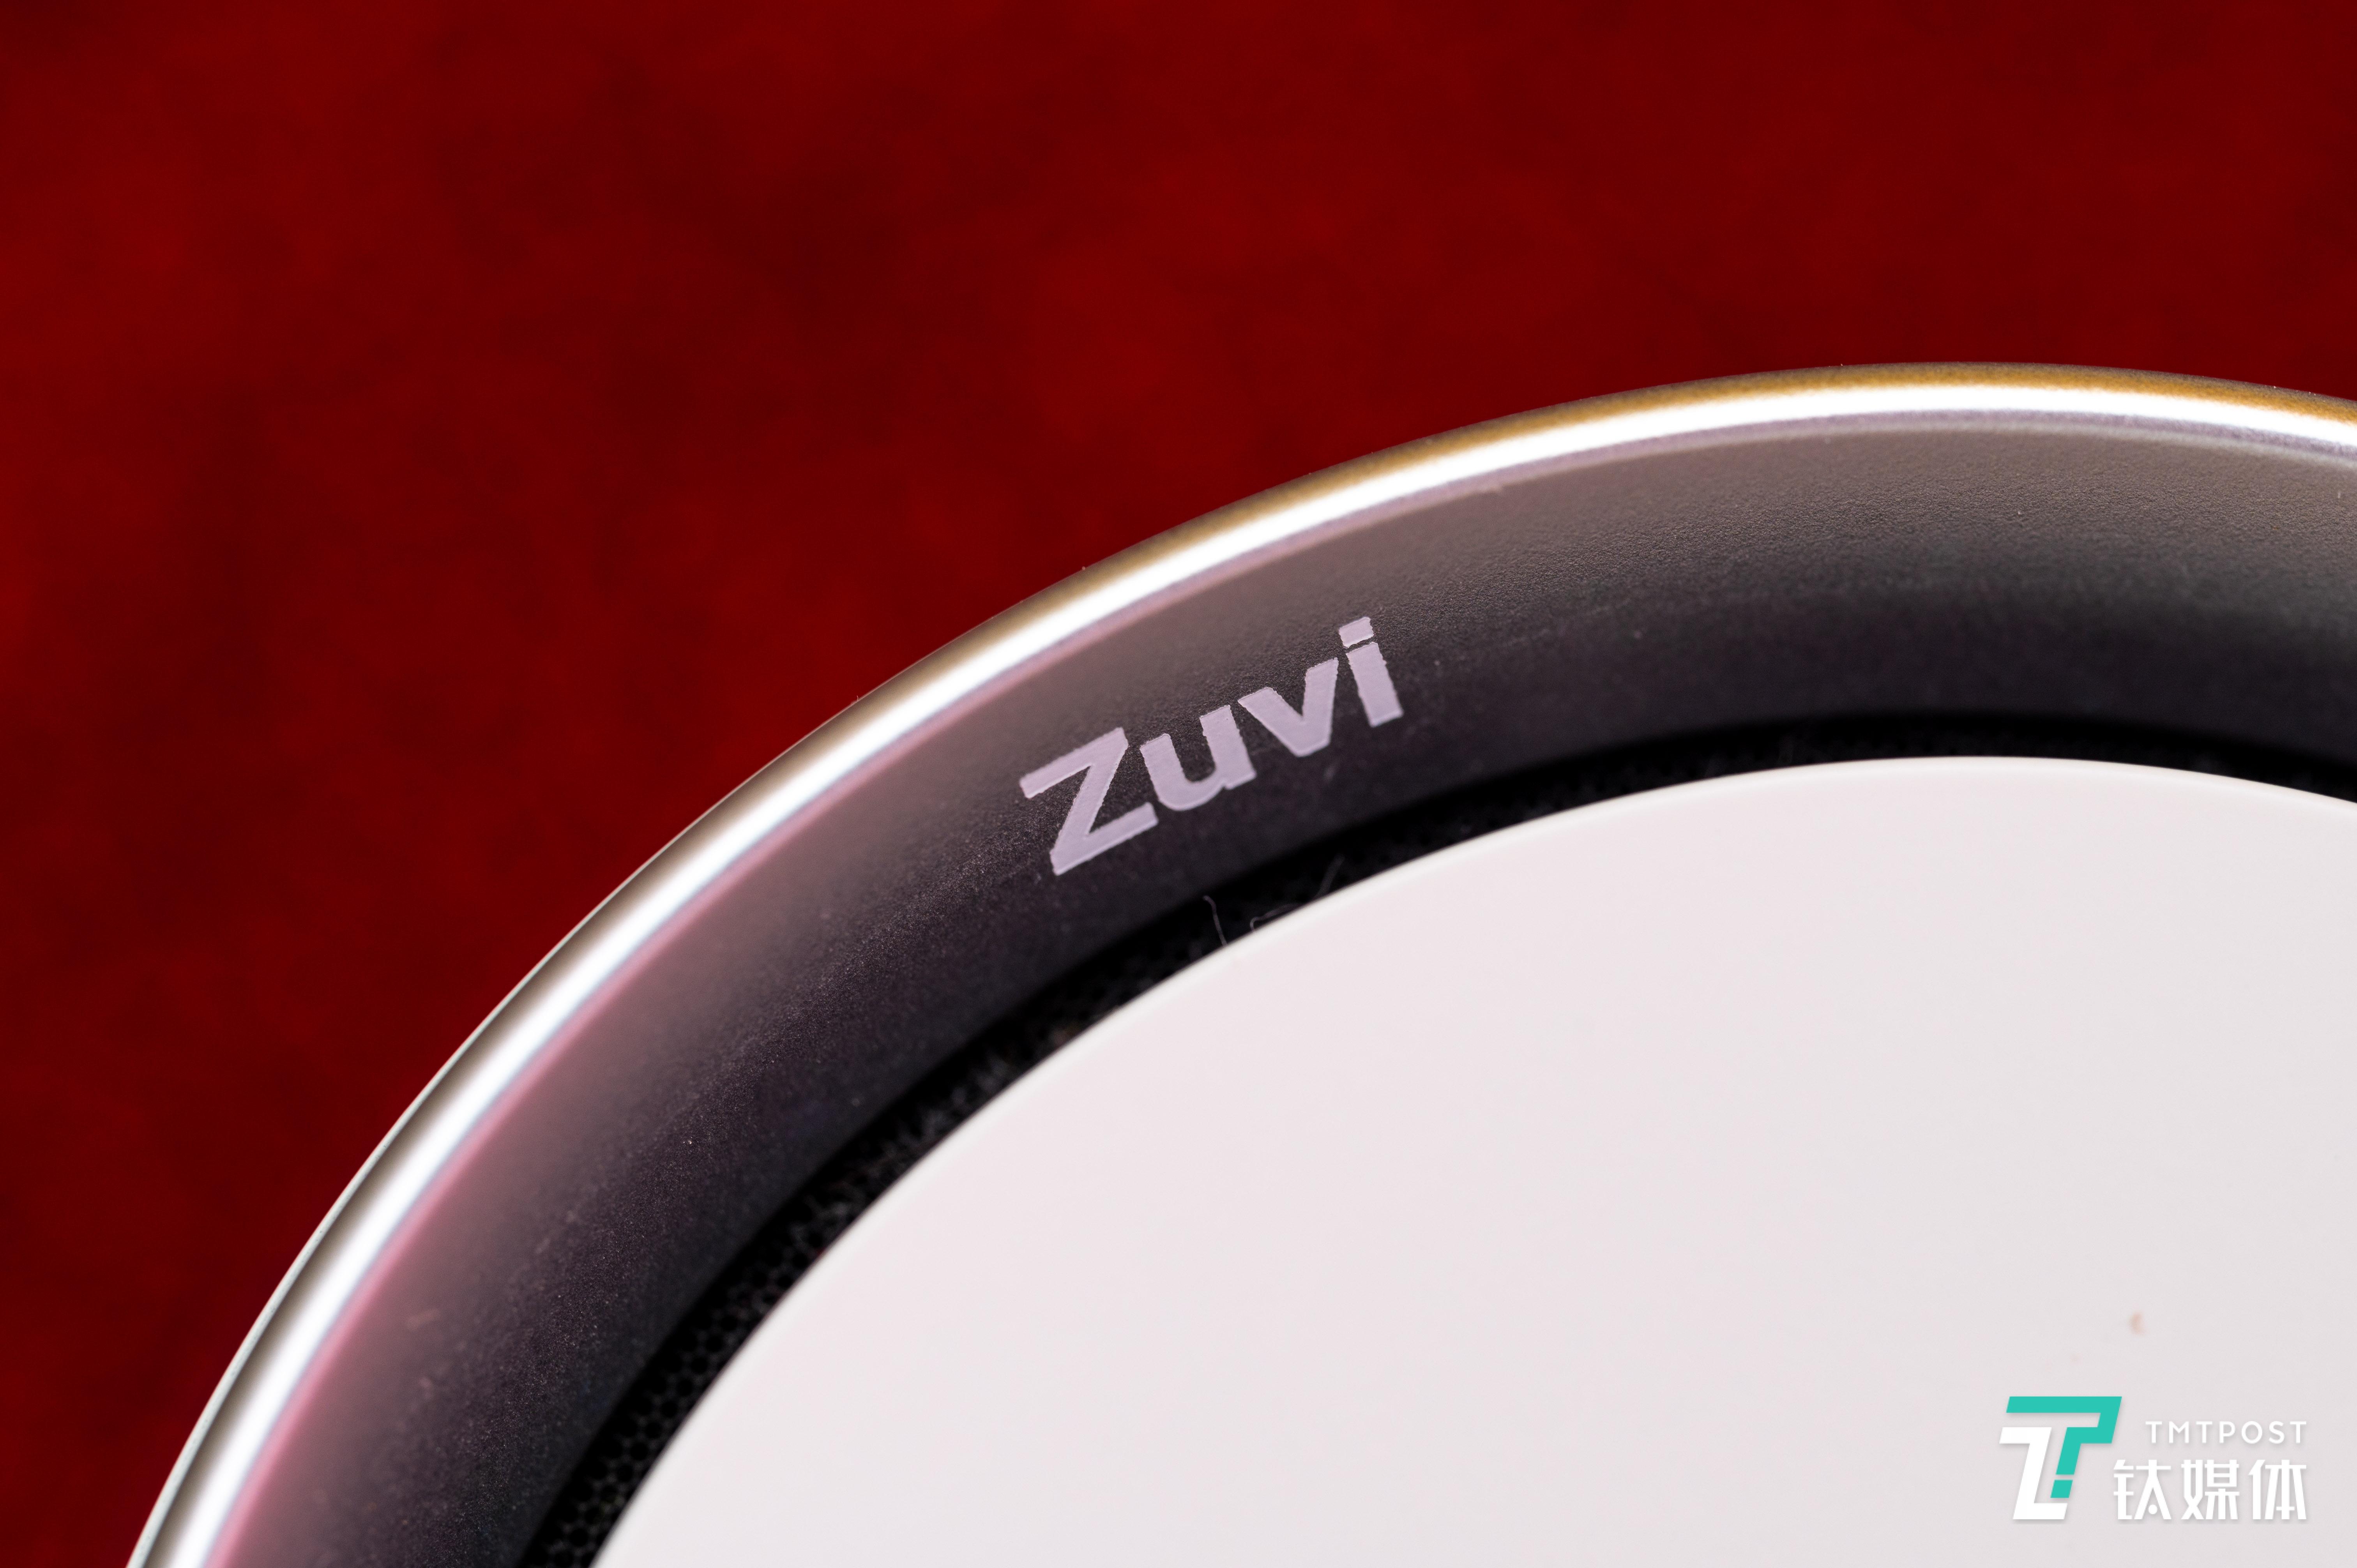 """把吹风机的线""""剪断"""",Zuvi原里是如何做到的?"""